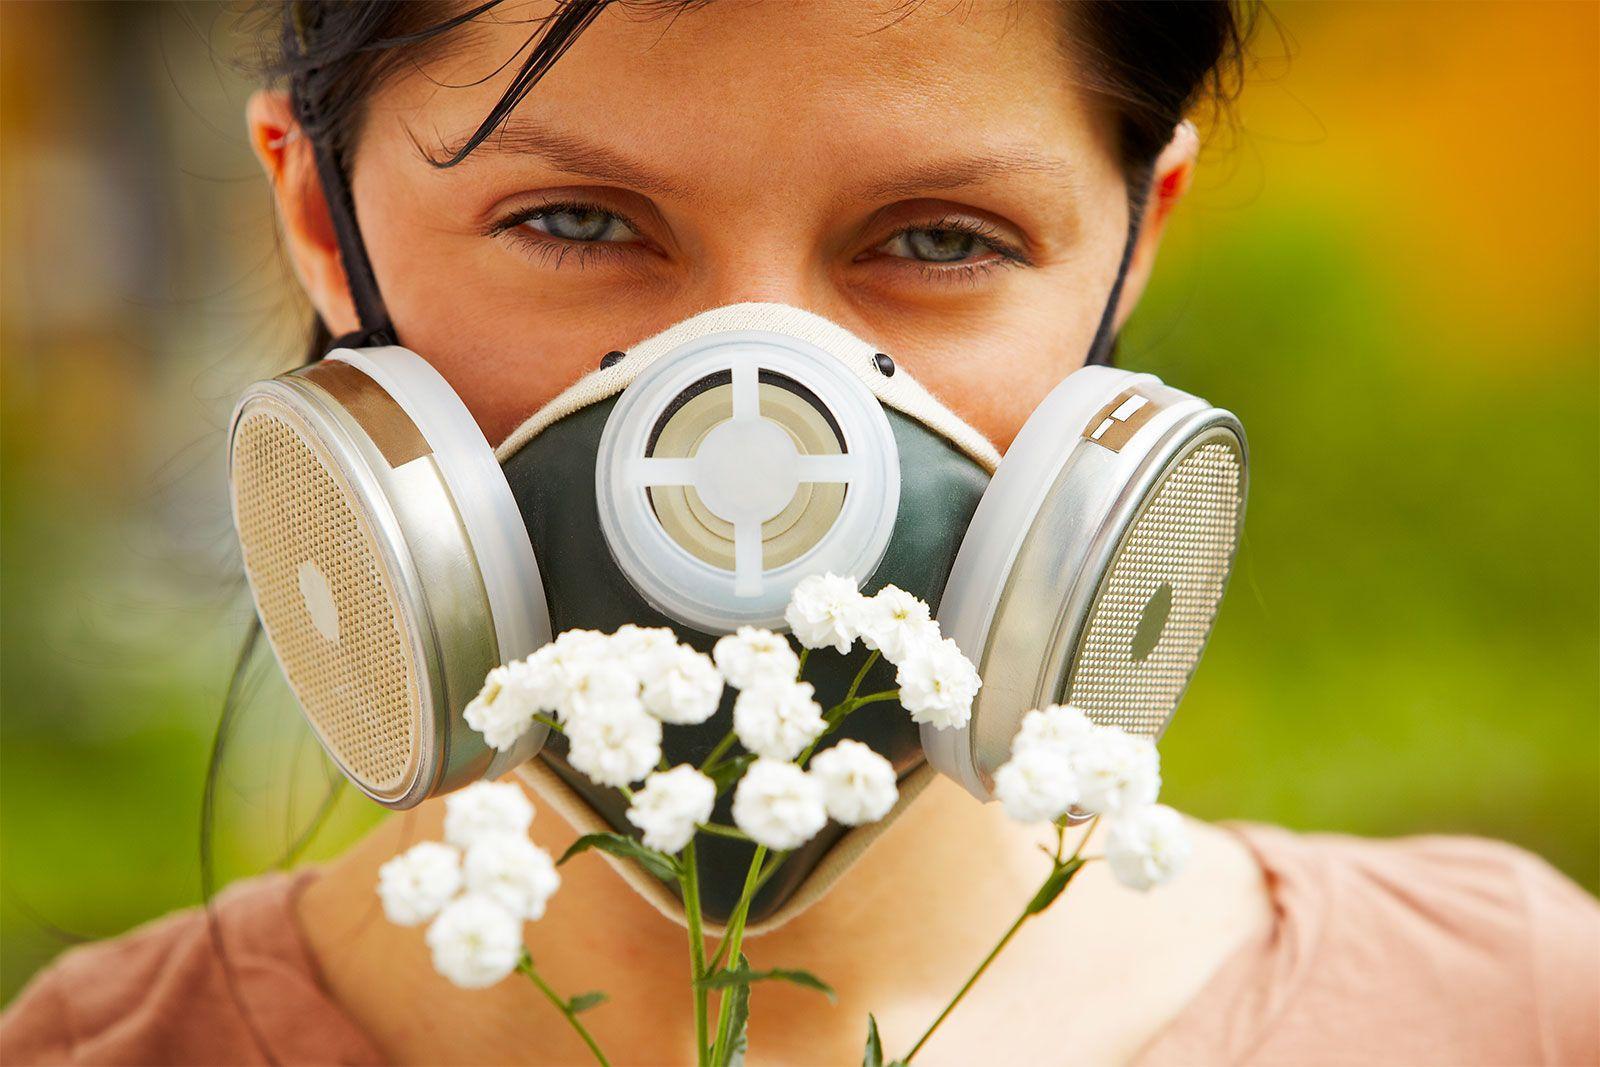 Обнаружена генетическая связь между аллергией, астмой и экземой